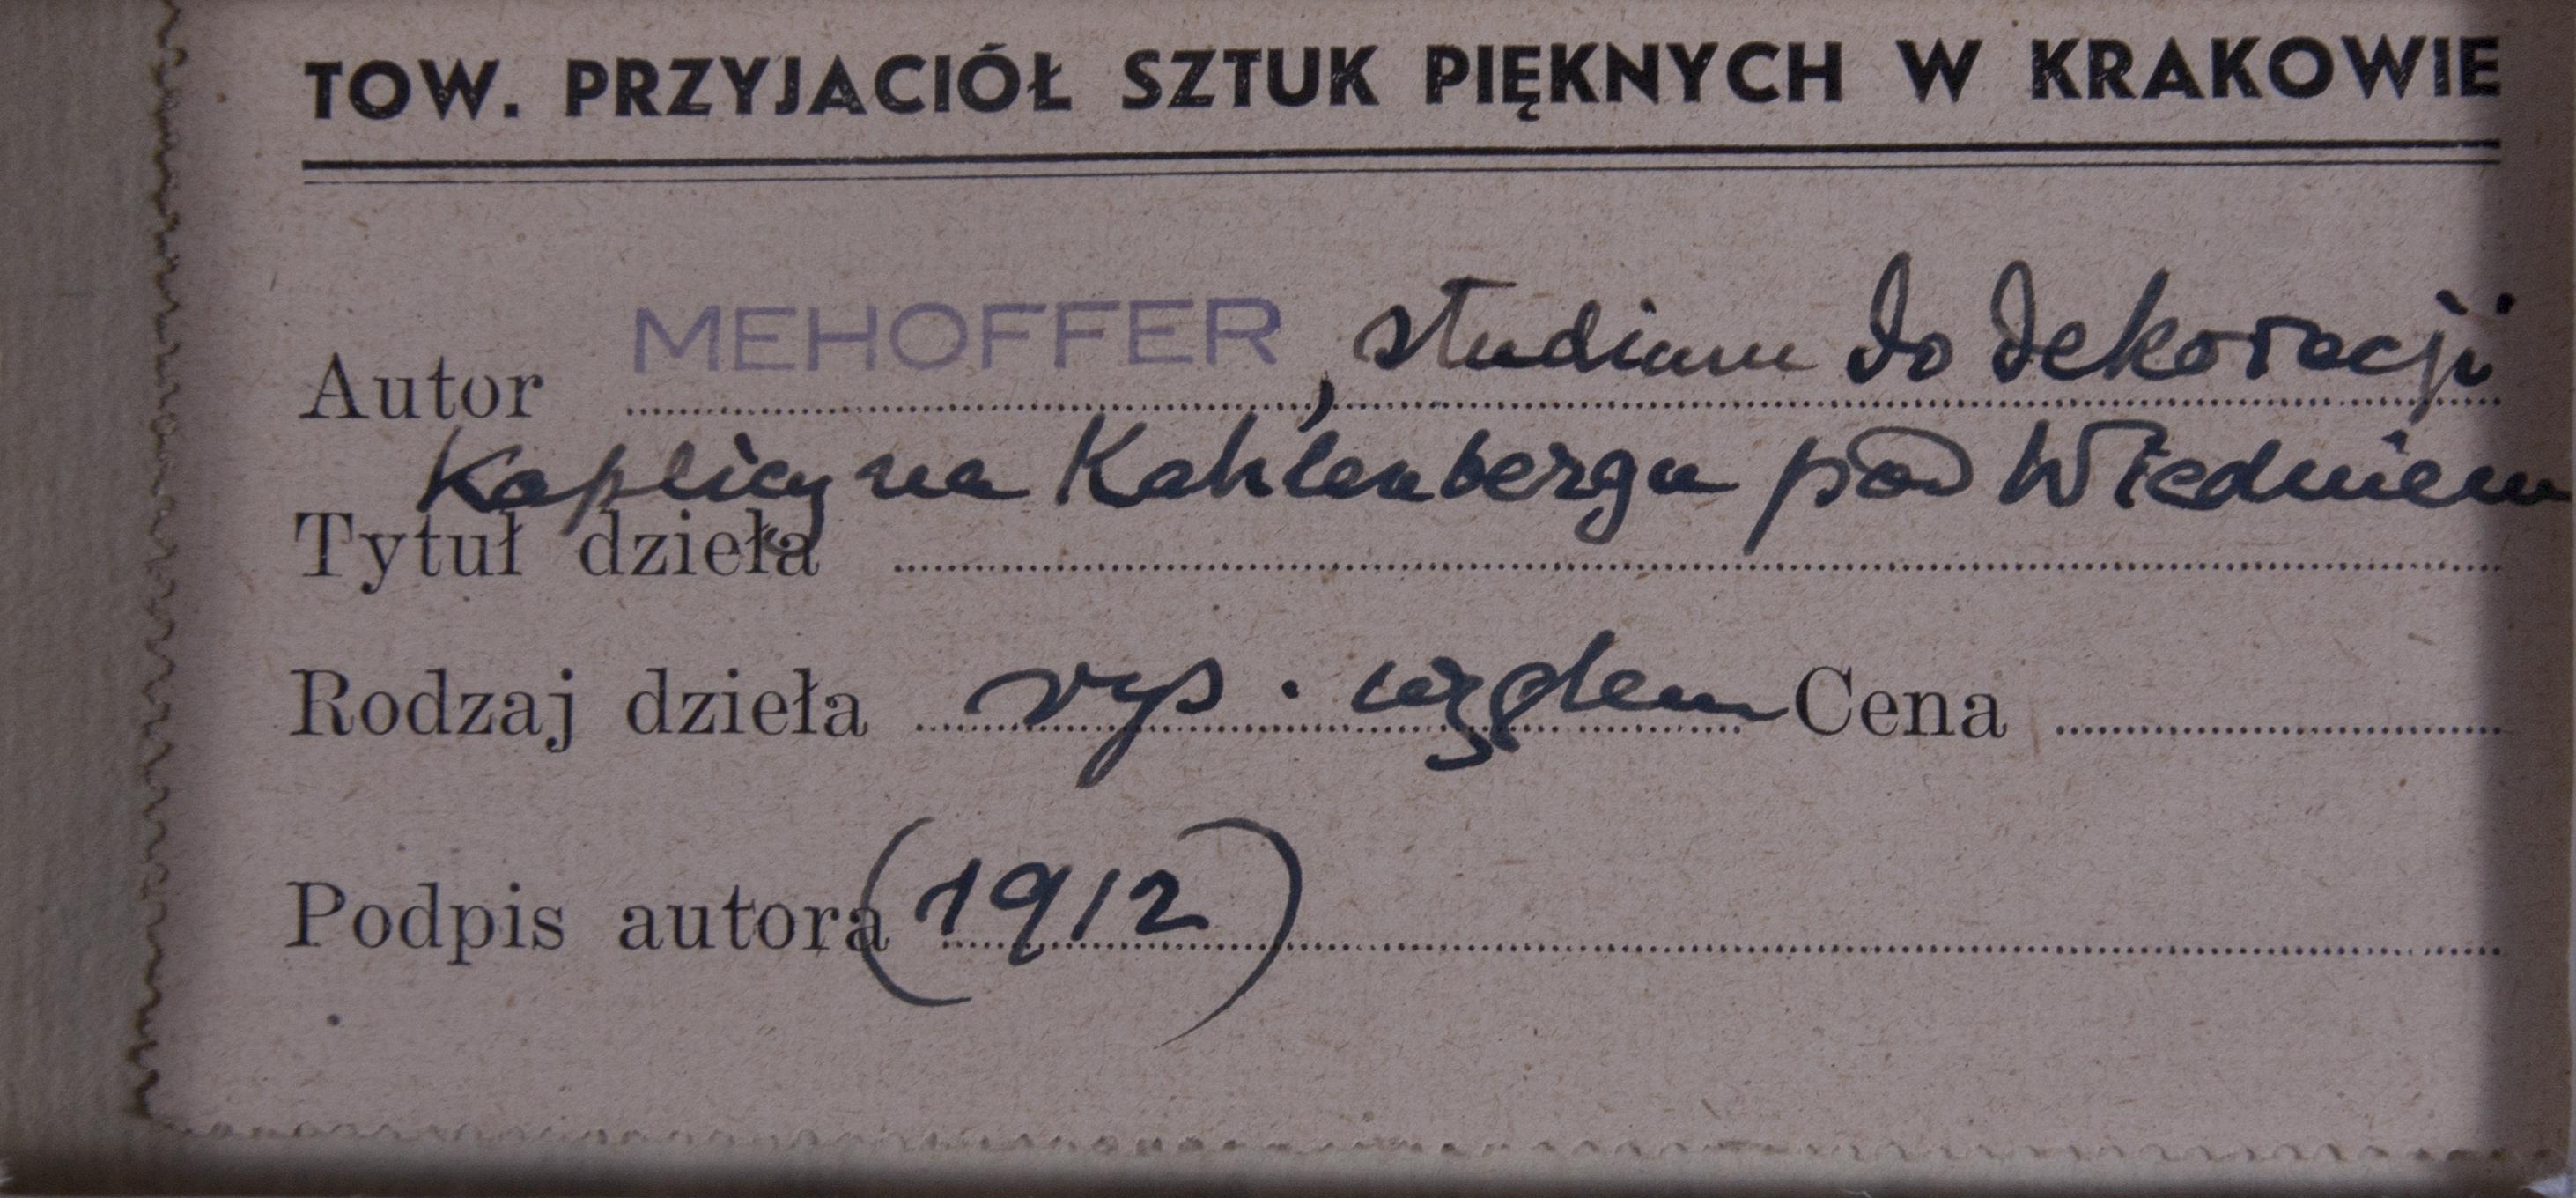 JÓZEF MEHOFFER (1869-1946), STUDIUM DO DEKORACJI KAPLICY NA KAHLENBERGU POD WIEDNIEM